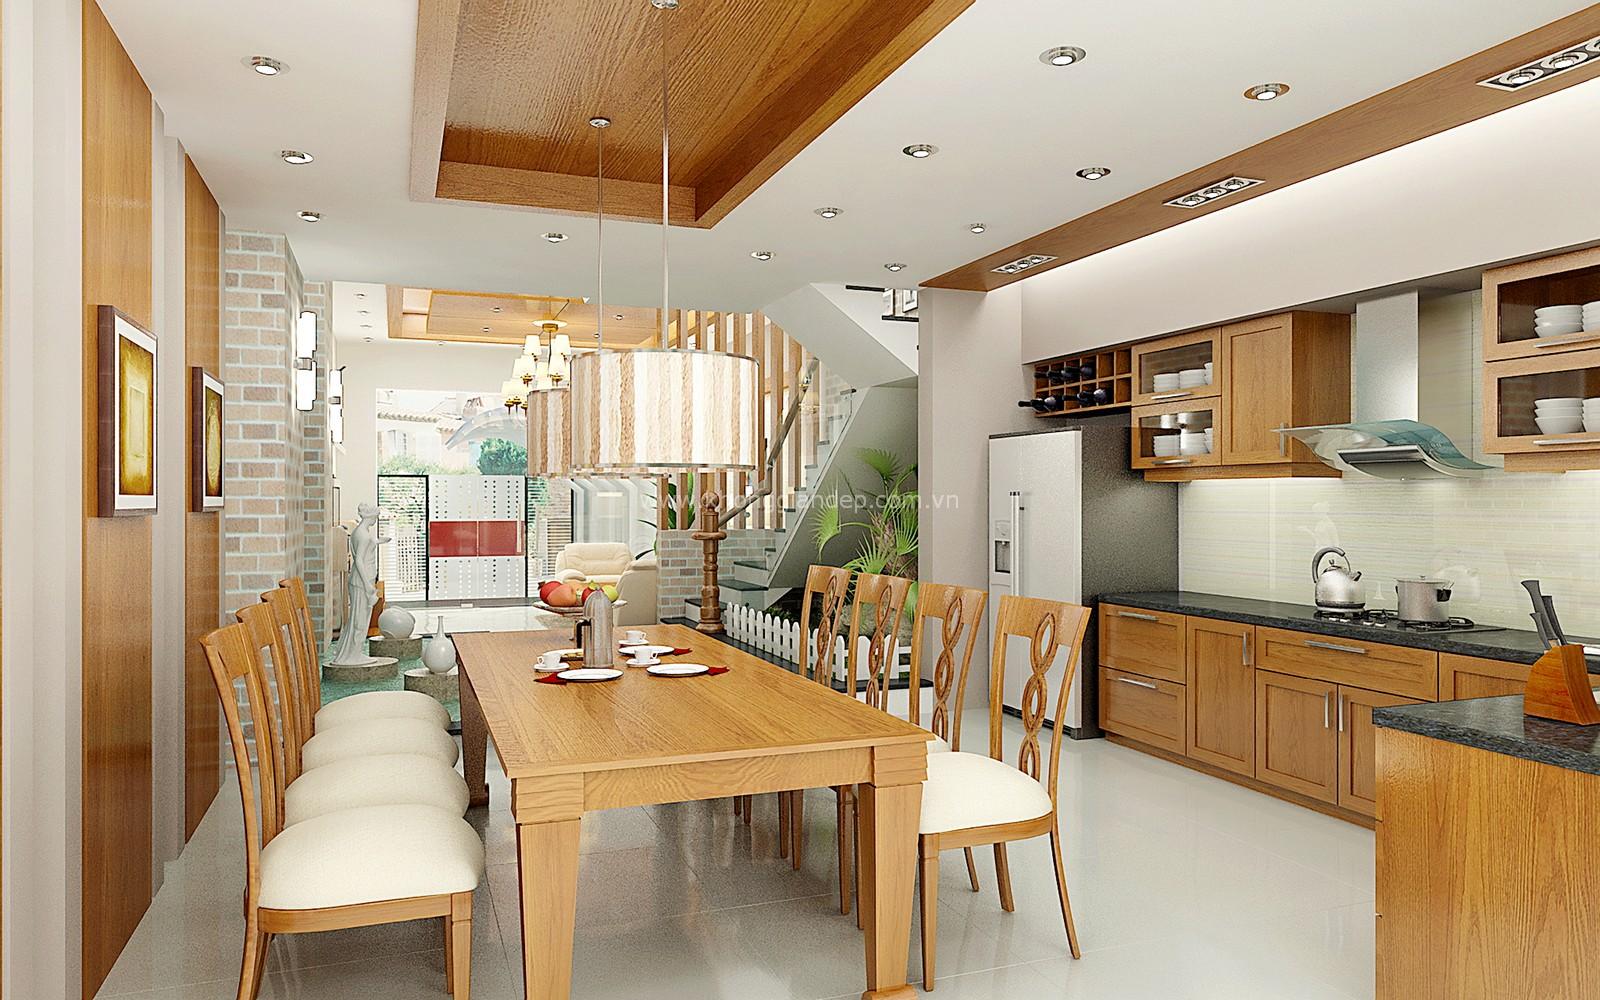 bán bàn ăn bằng gỗ cao cấp